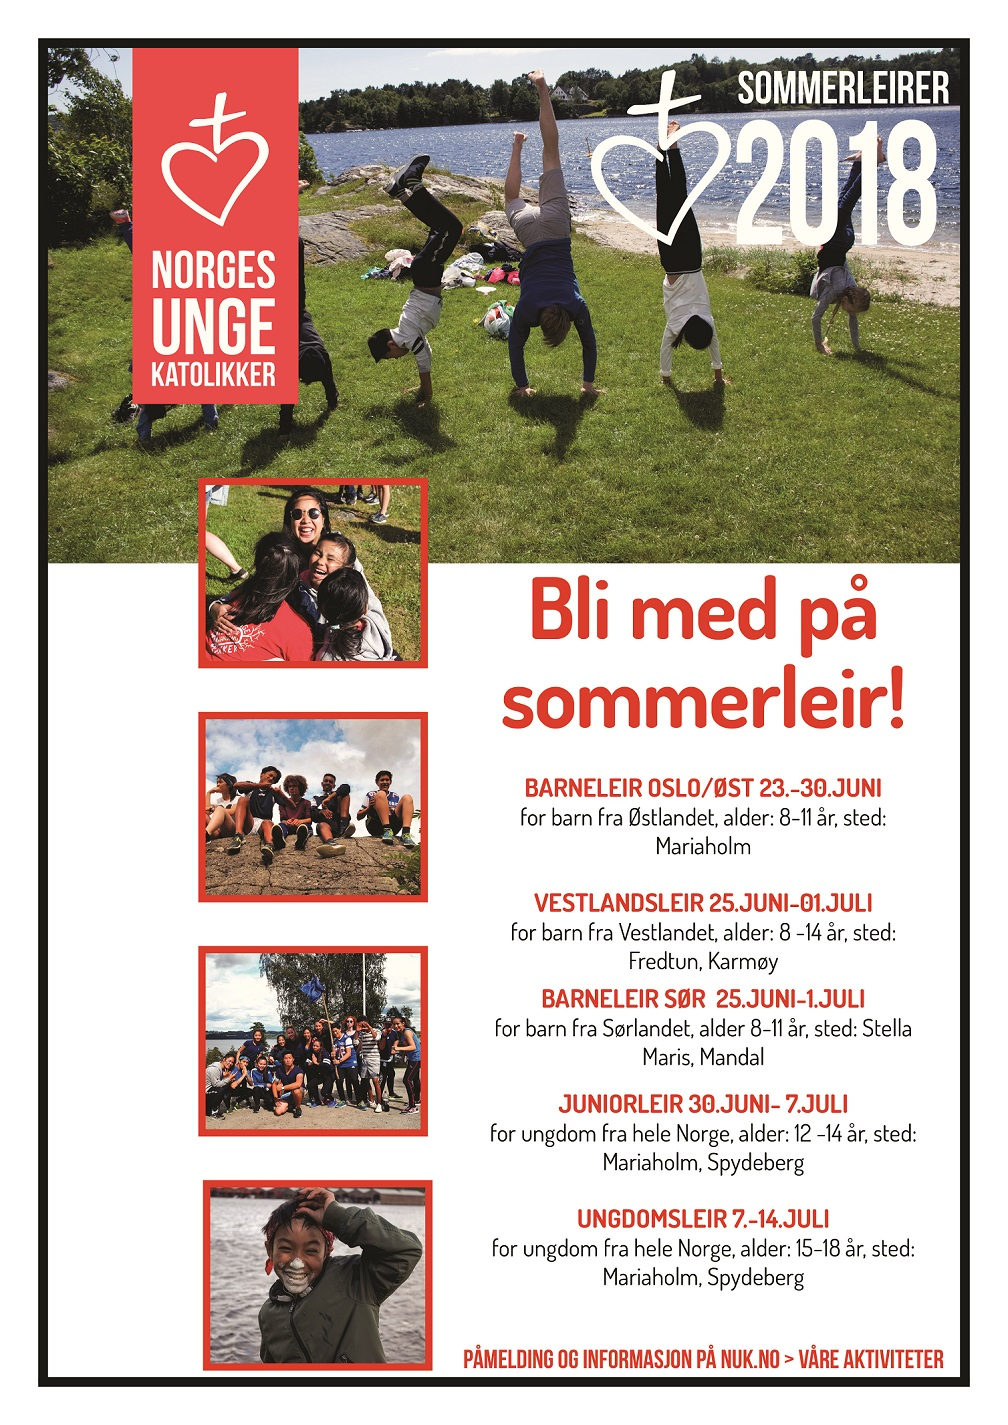 Sommerleirplakat 2018-page-0